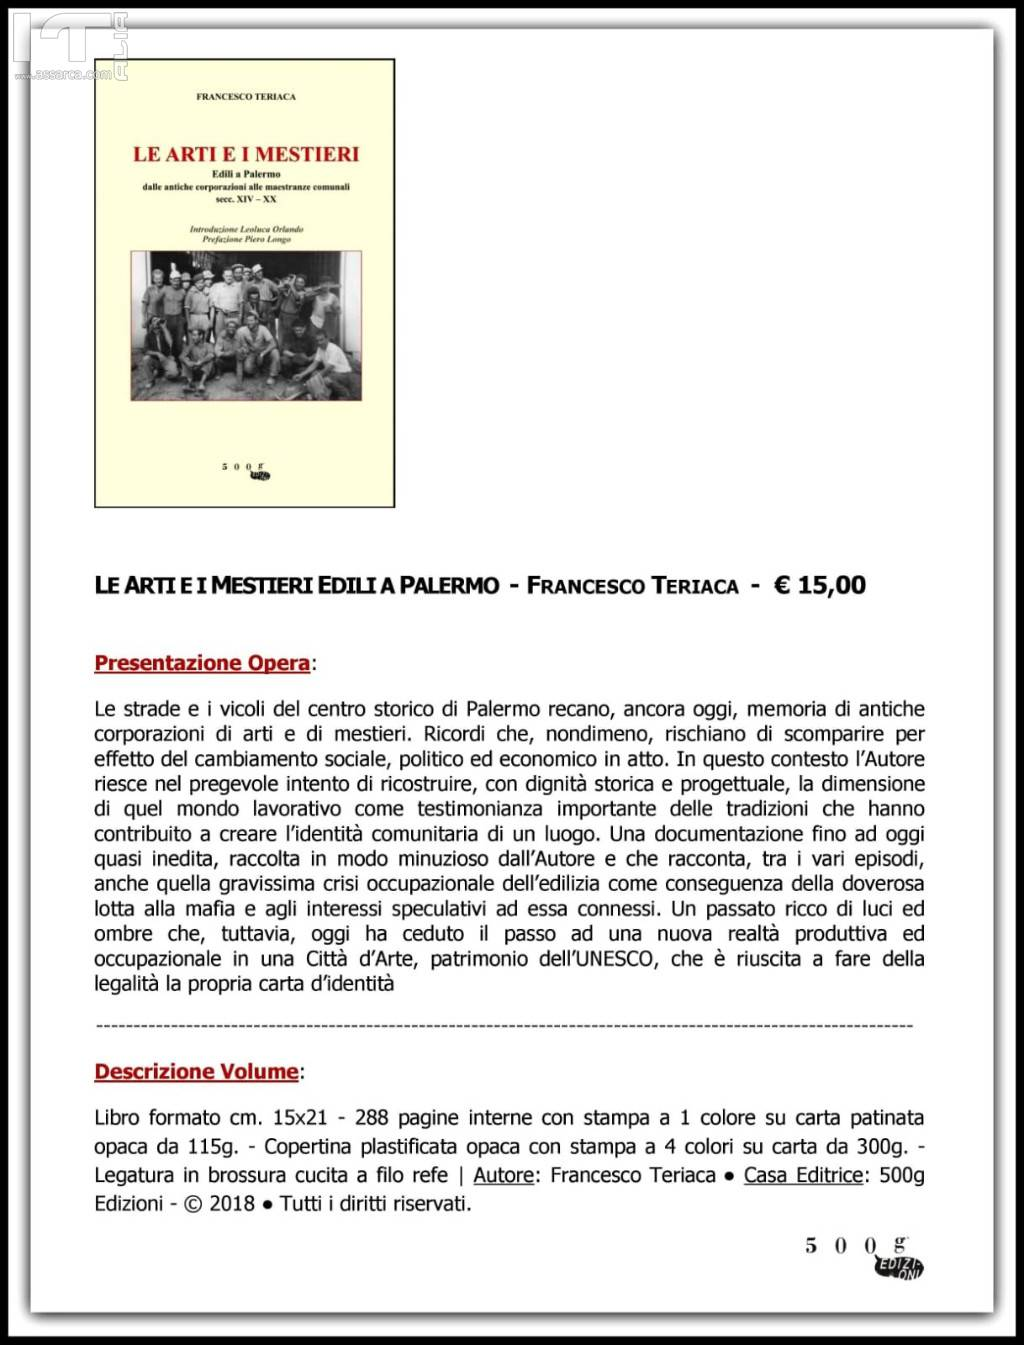 Saggio storico - Le arti e i mestieri - Edili a Palermo